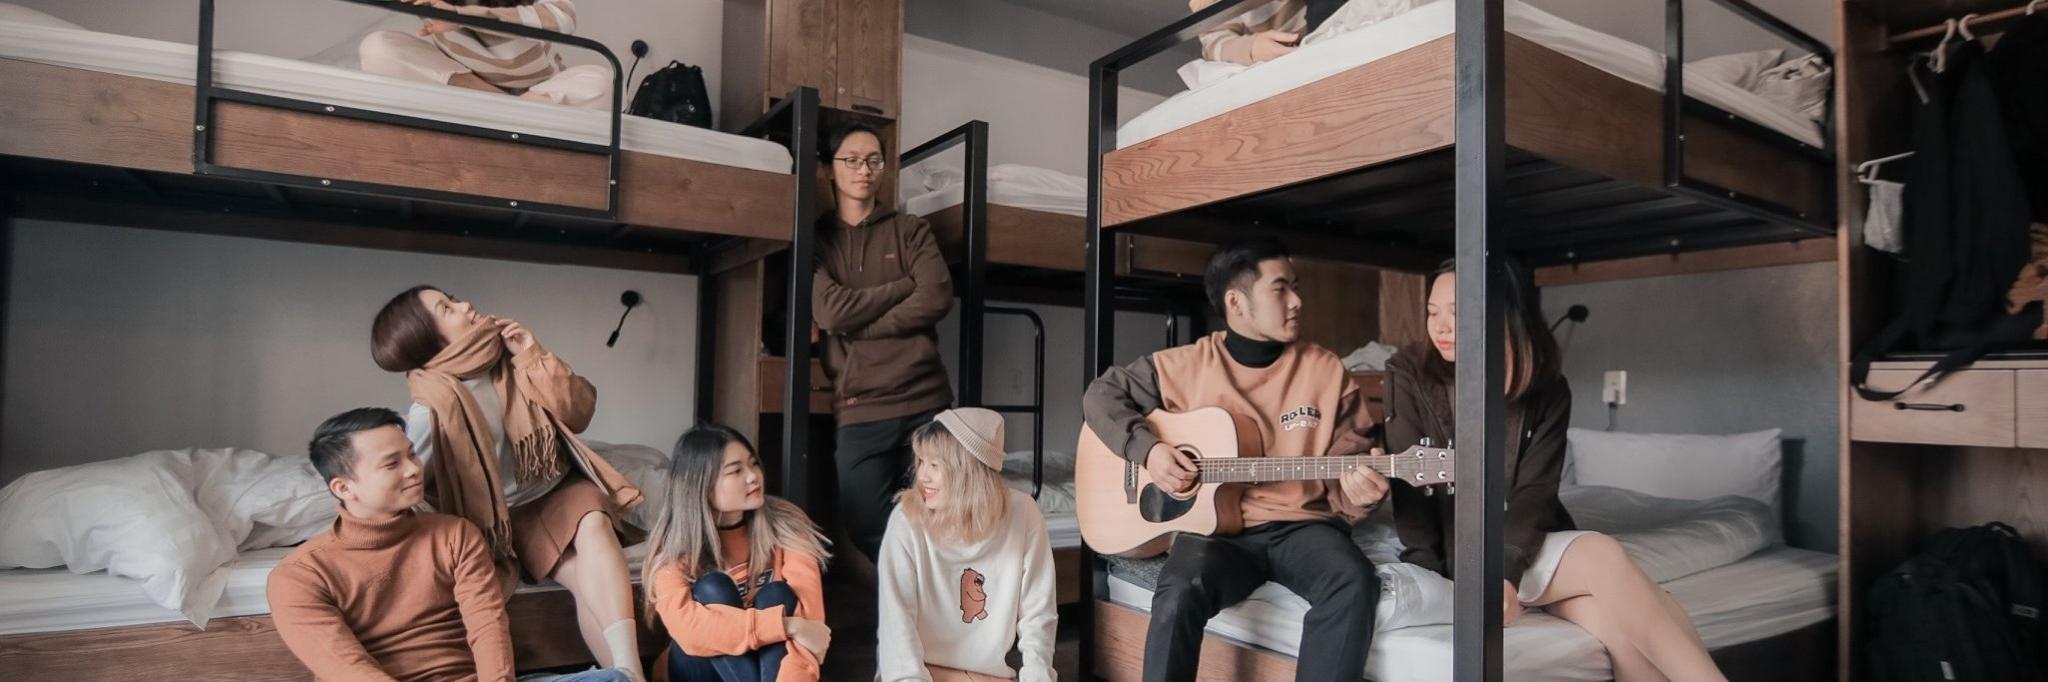 https://gody.vn/blog/nguyentoan05/post/xoa-tan-met-moi-voi-khong-gian-thu-gian-thuc-thu-tai-lustig-hostel-sapa-5711